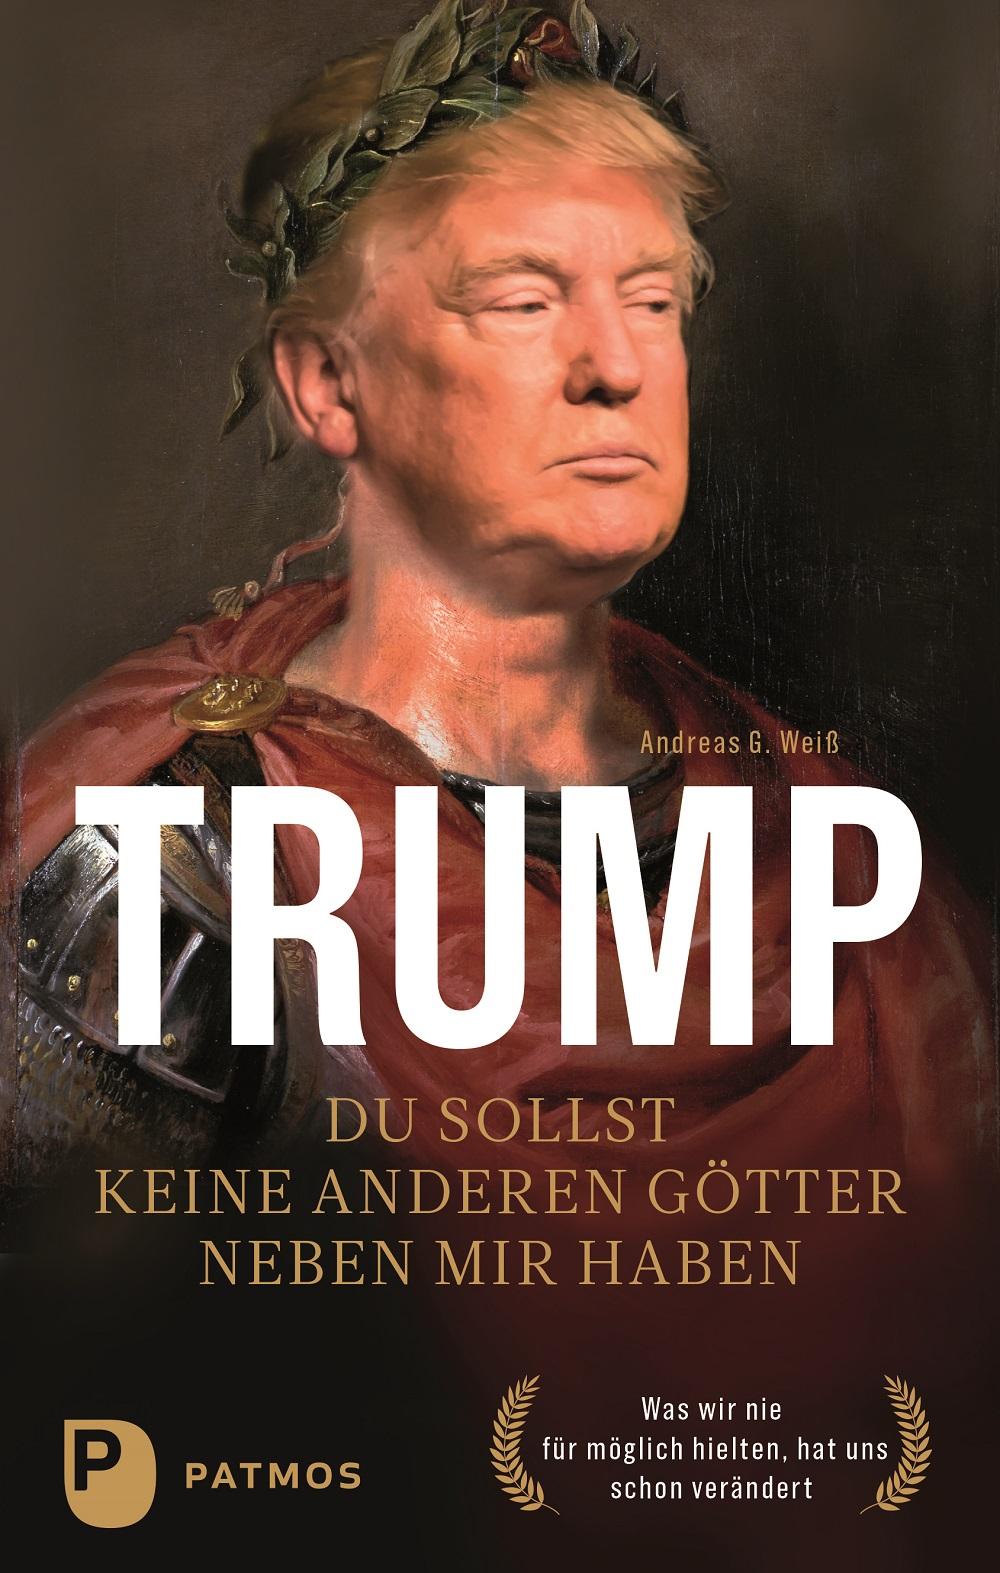 Buchcover. Foto: Patmos Verlag